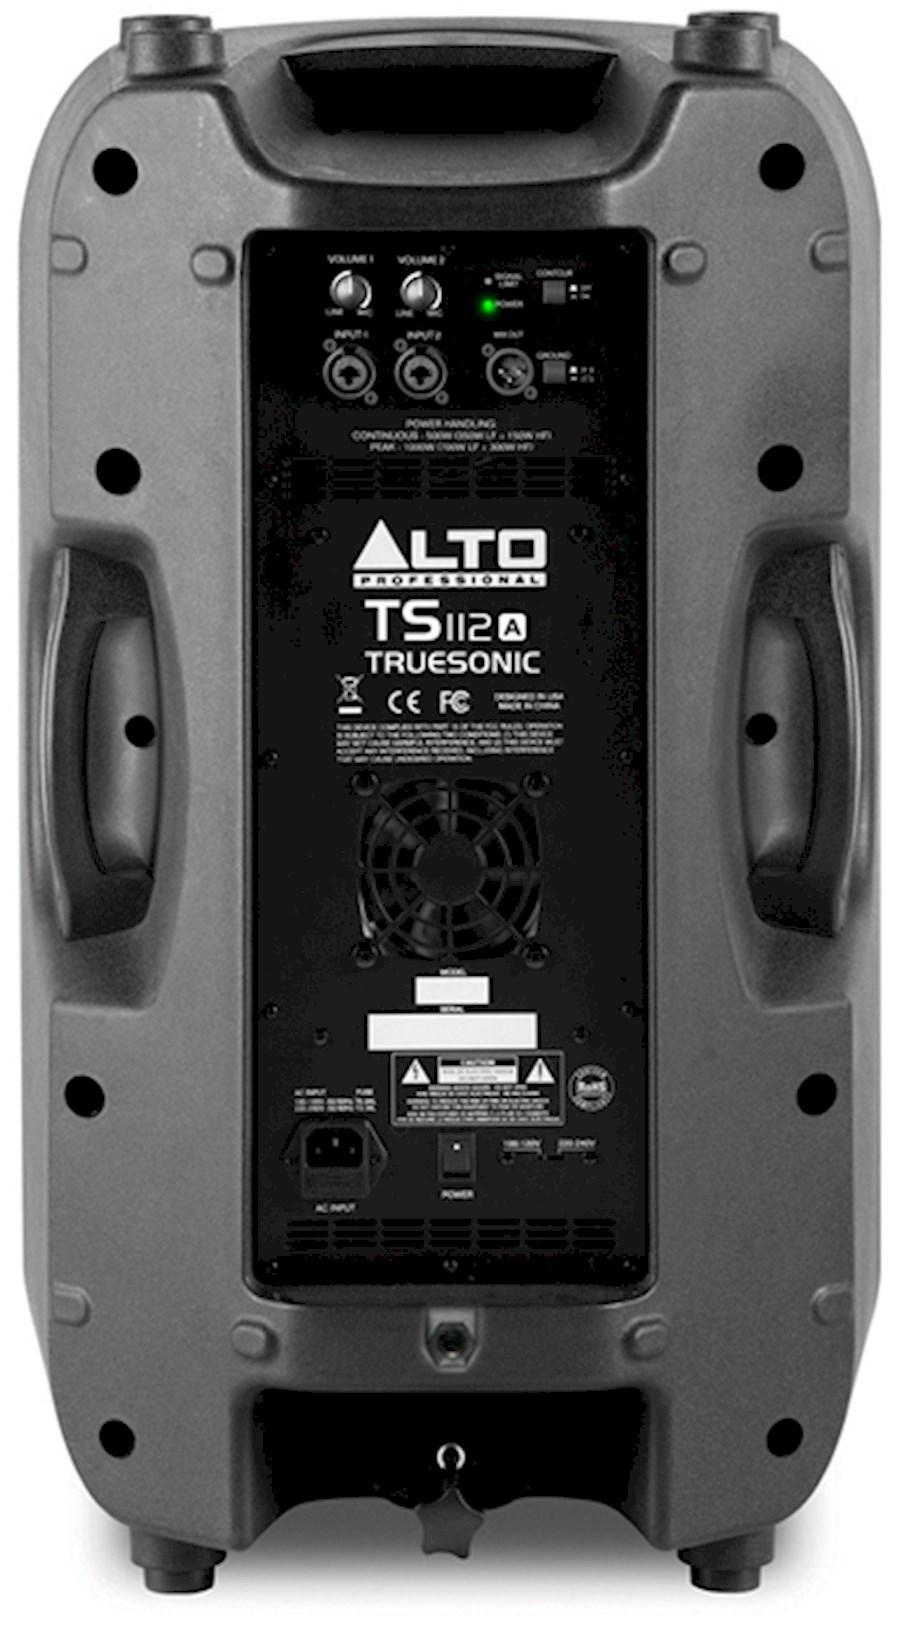 Rent a Alto Pro TS-112A V2 actieve luidspreker in Kampen from Klaasjan